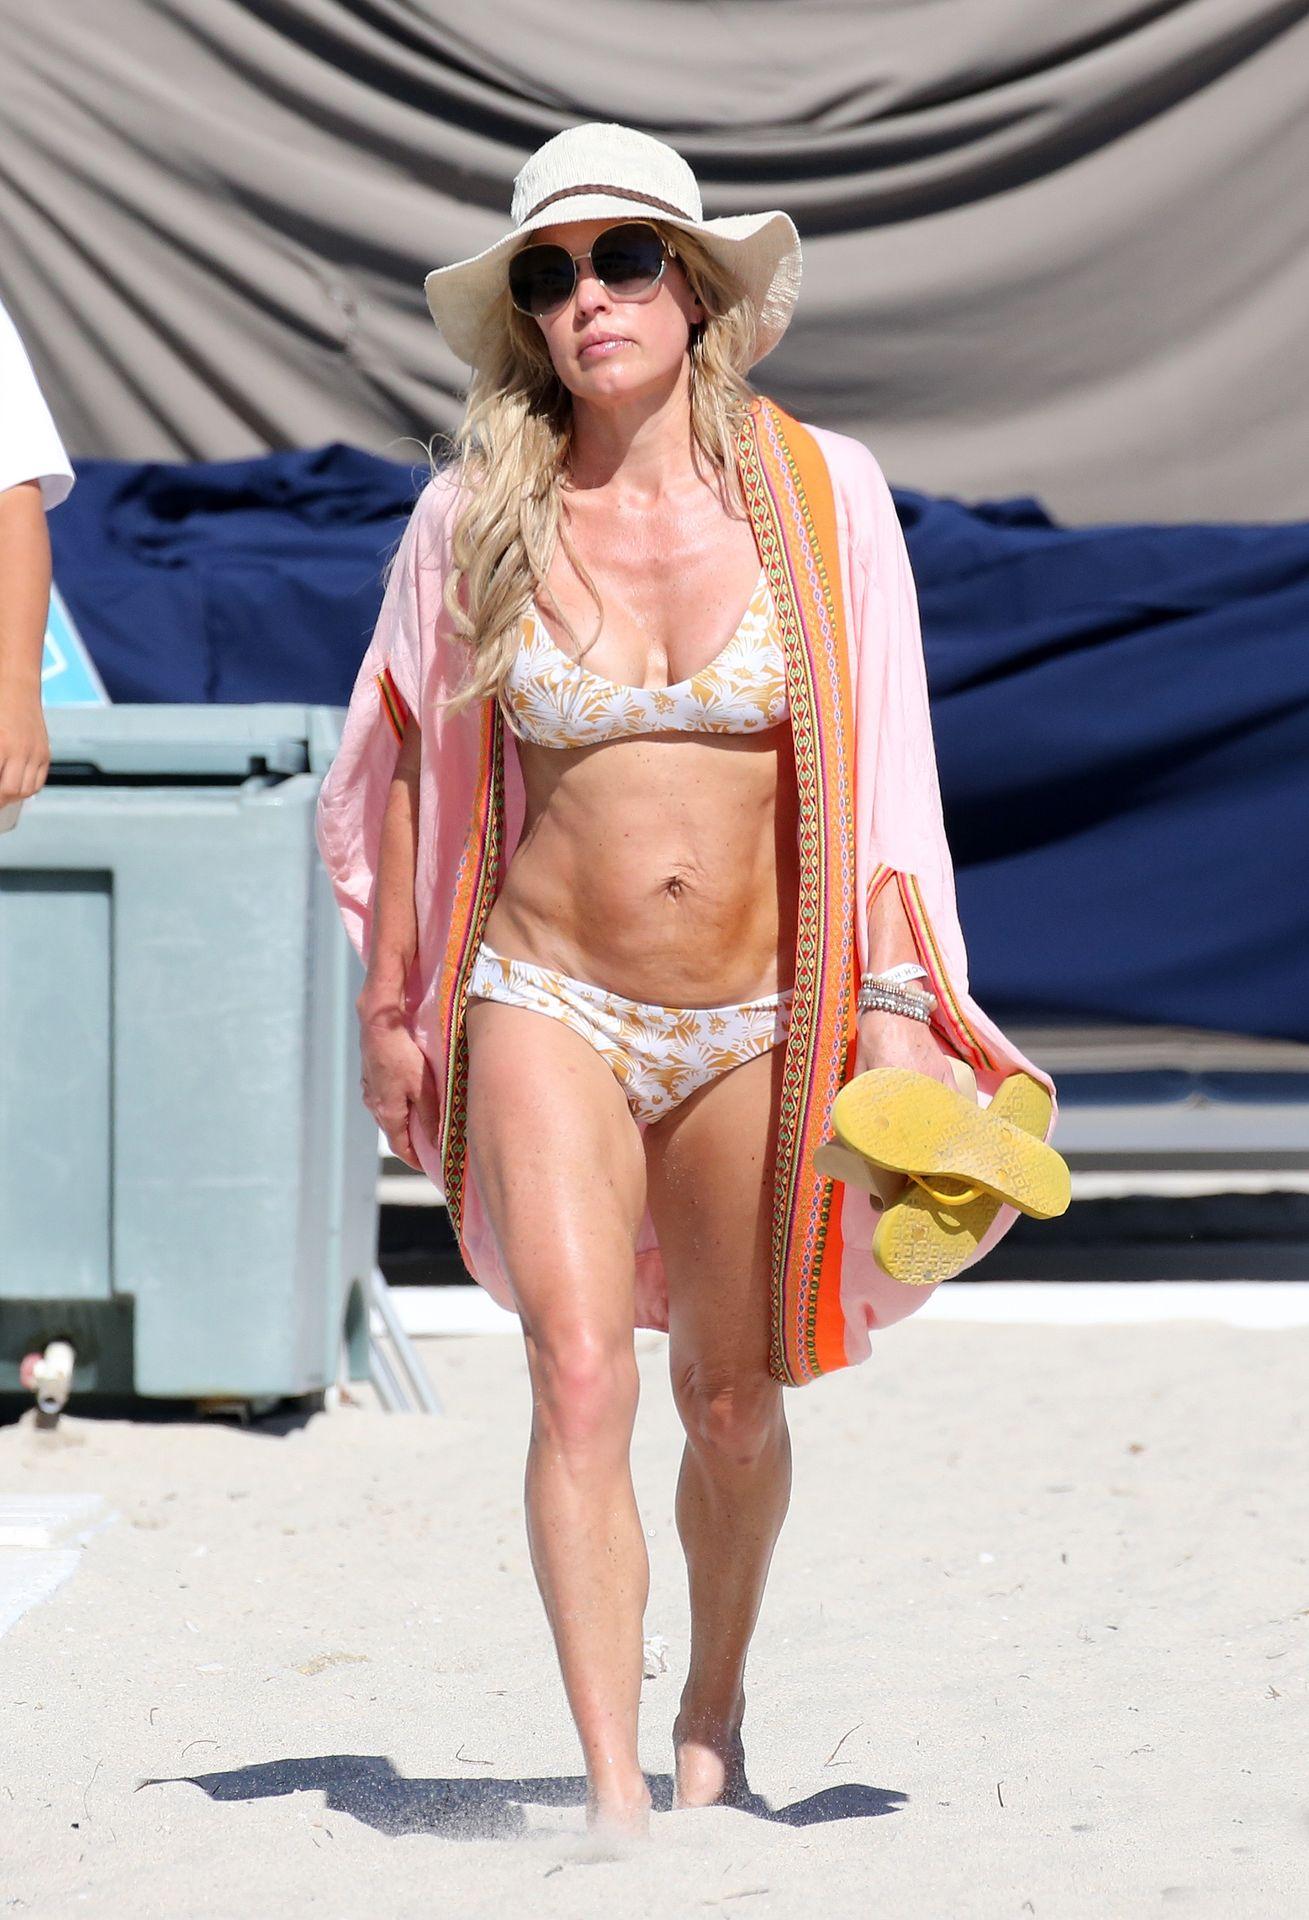 Braunwyn Windham Burke Wears A Bikini On The Beach In Miami 0026